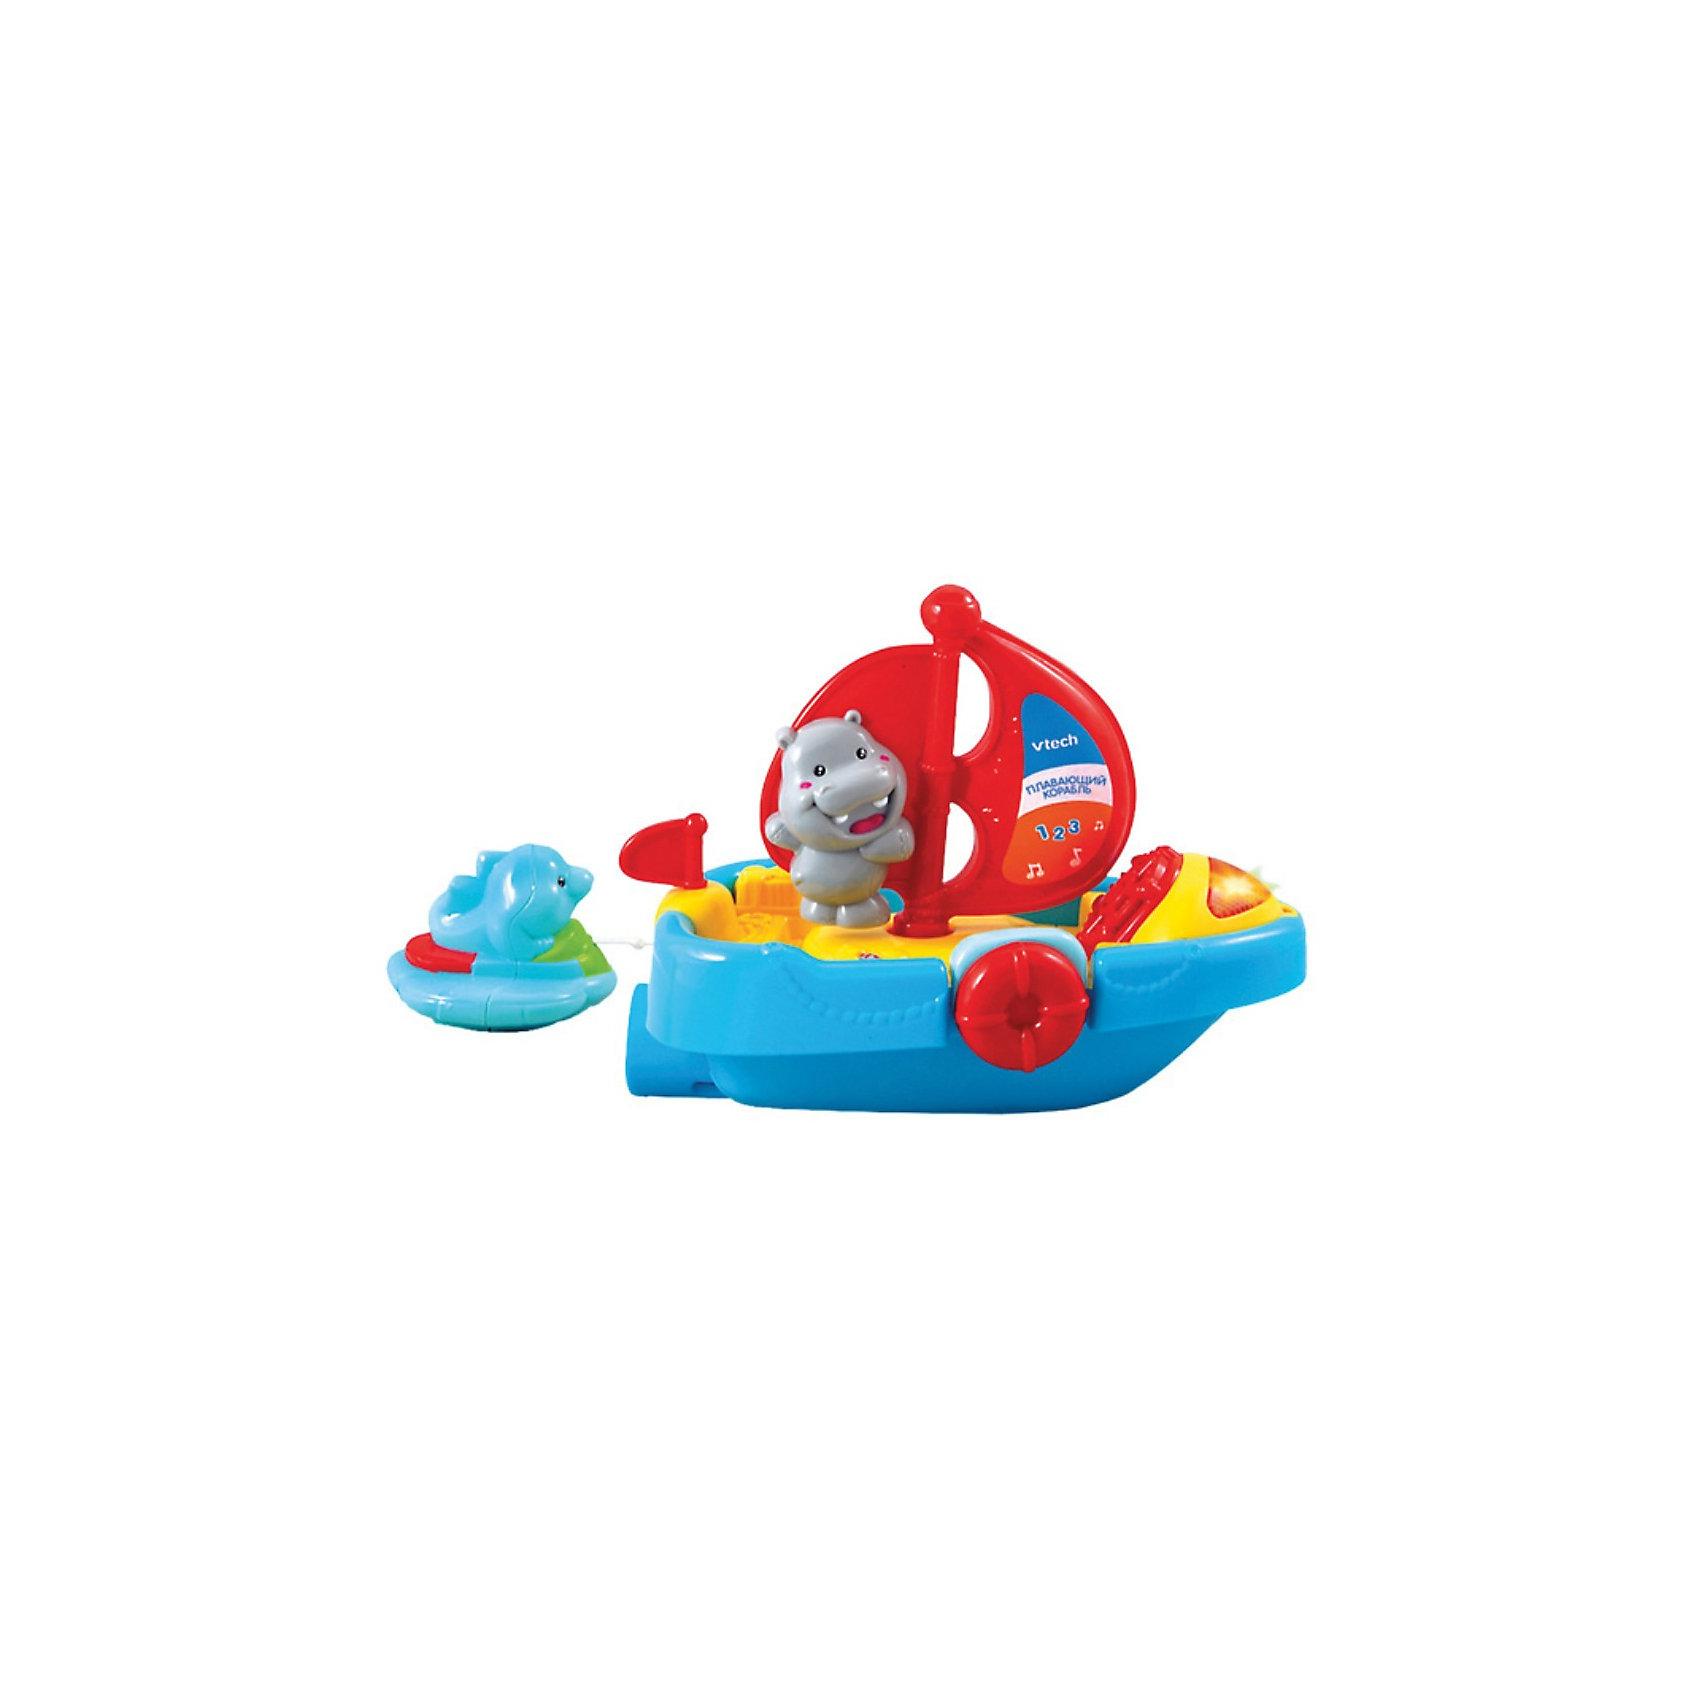 Развивающая игрушка Плавающий корабль, со светом и звуком, VtechРазвивающая игрушка Плавающий корабль, со светом и звуком, Vtech - яркая и красивая игрушка, которая с пользой развлечет Вашего ребенка во время купания.<br> <br>Играя с  Плавающим кораблем в ванне, ребёнок не только получит массу приятных эмоций, но и разовьёт мелкую моторику, тактильные ощущения и музыкально-слуховые навыки. Кроме того,  с помощью этой игрушки Ваш малыш выучит цифры от 1 до 3, названия животных, познакомится со строением корабля и послушает весёлую песенку. <br><br>Оттяните спасательный круг с дельфином, и кораблик поплывёт на всех парусах. Нажмите на бегемота и вы услышите забавные звуки, фразы и песенки из мультфильмов.<br><br>Дополнительная информация:<br><br>-  В комплекте: водонепроницаемая обучающая игрушка для ванны.<br>- Режимы: учим цифры, учим названия животных, песня из м/ф мамонтёнок. <br>- Озвучивание: профессиональное (одноголосое).<br>- Материал: пластик.<br>- Размеры упаковки: 22х13х26 см.<br><br>Развивающую игрушку Плавающий корабль, со светом и звуком, Vtech можно купить в нашем интернет-магазине.<br><br>Ширина мм: 220<br>Глубина мм: 130<br>Высота мм: 260<br>Вес г: 850<br>Возраст от месяцев: 12<br>Возраст до месяцев: 36<br>Пол: Унисекс<br>Возраст: Детский<br>SKU: 3380329